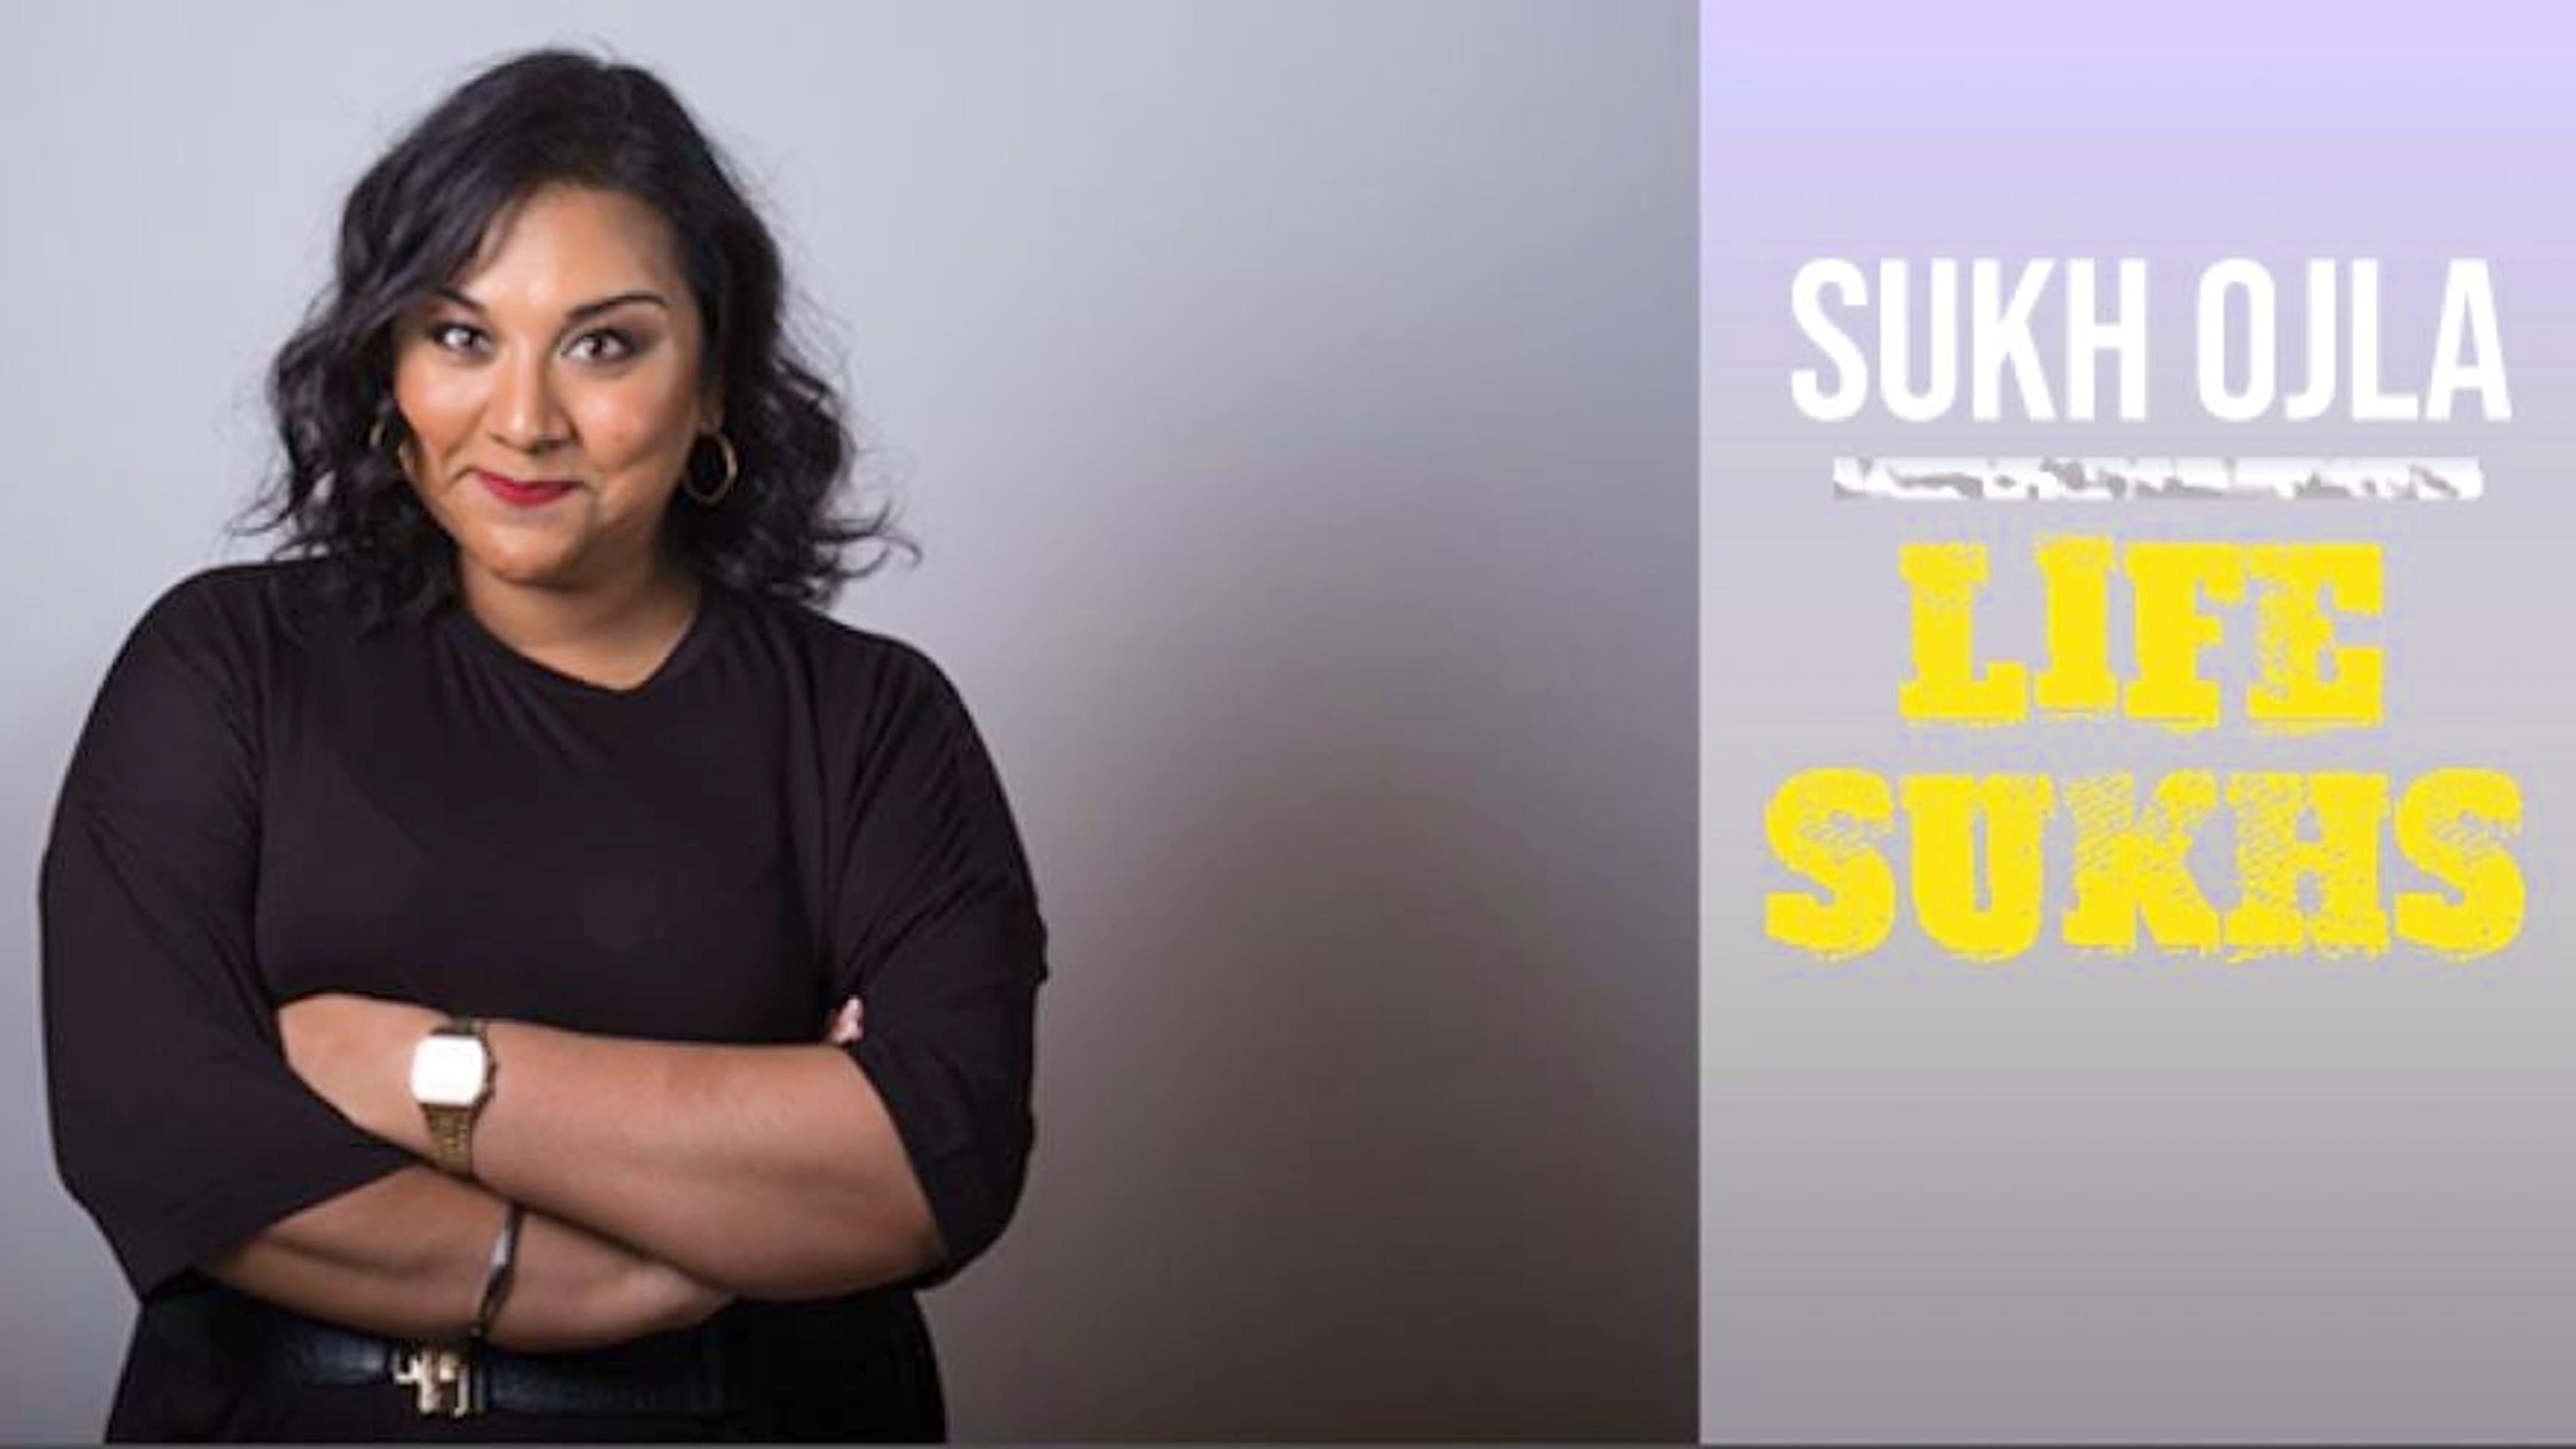 Sukh Ojla : Life Sukhs – UK Comedy Tour